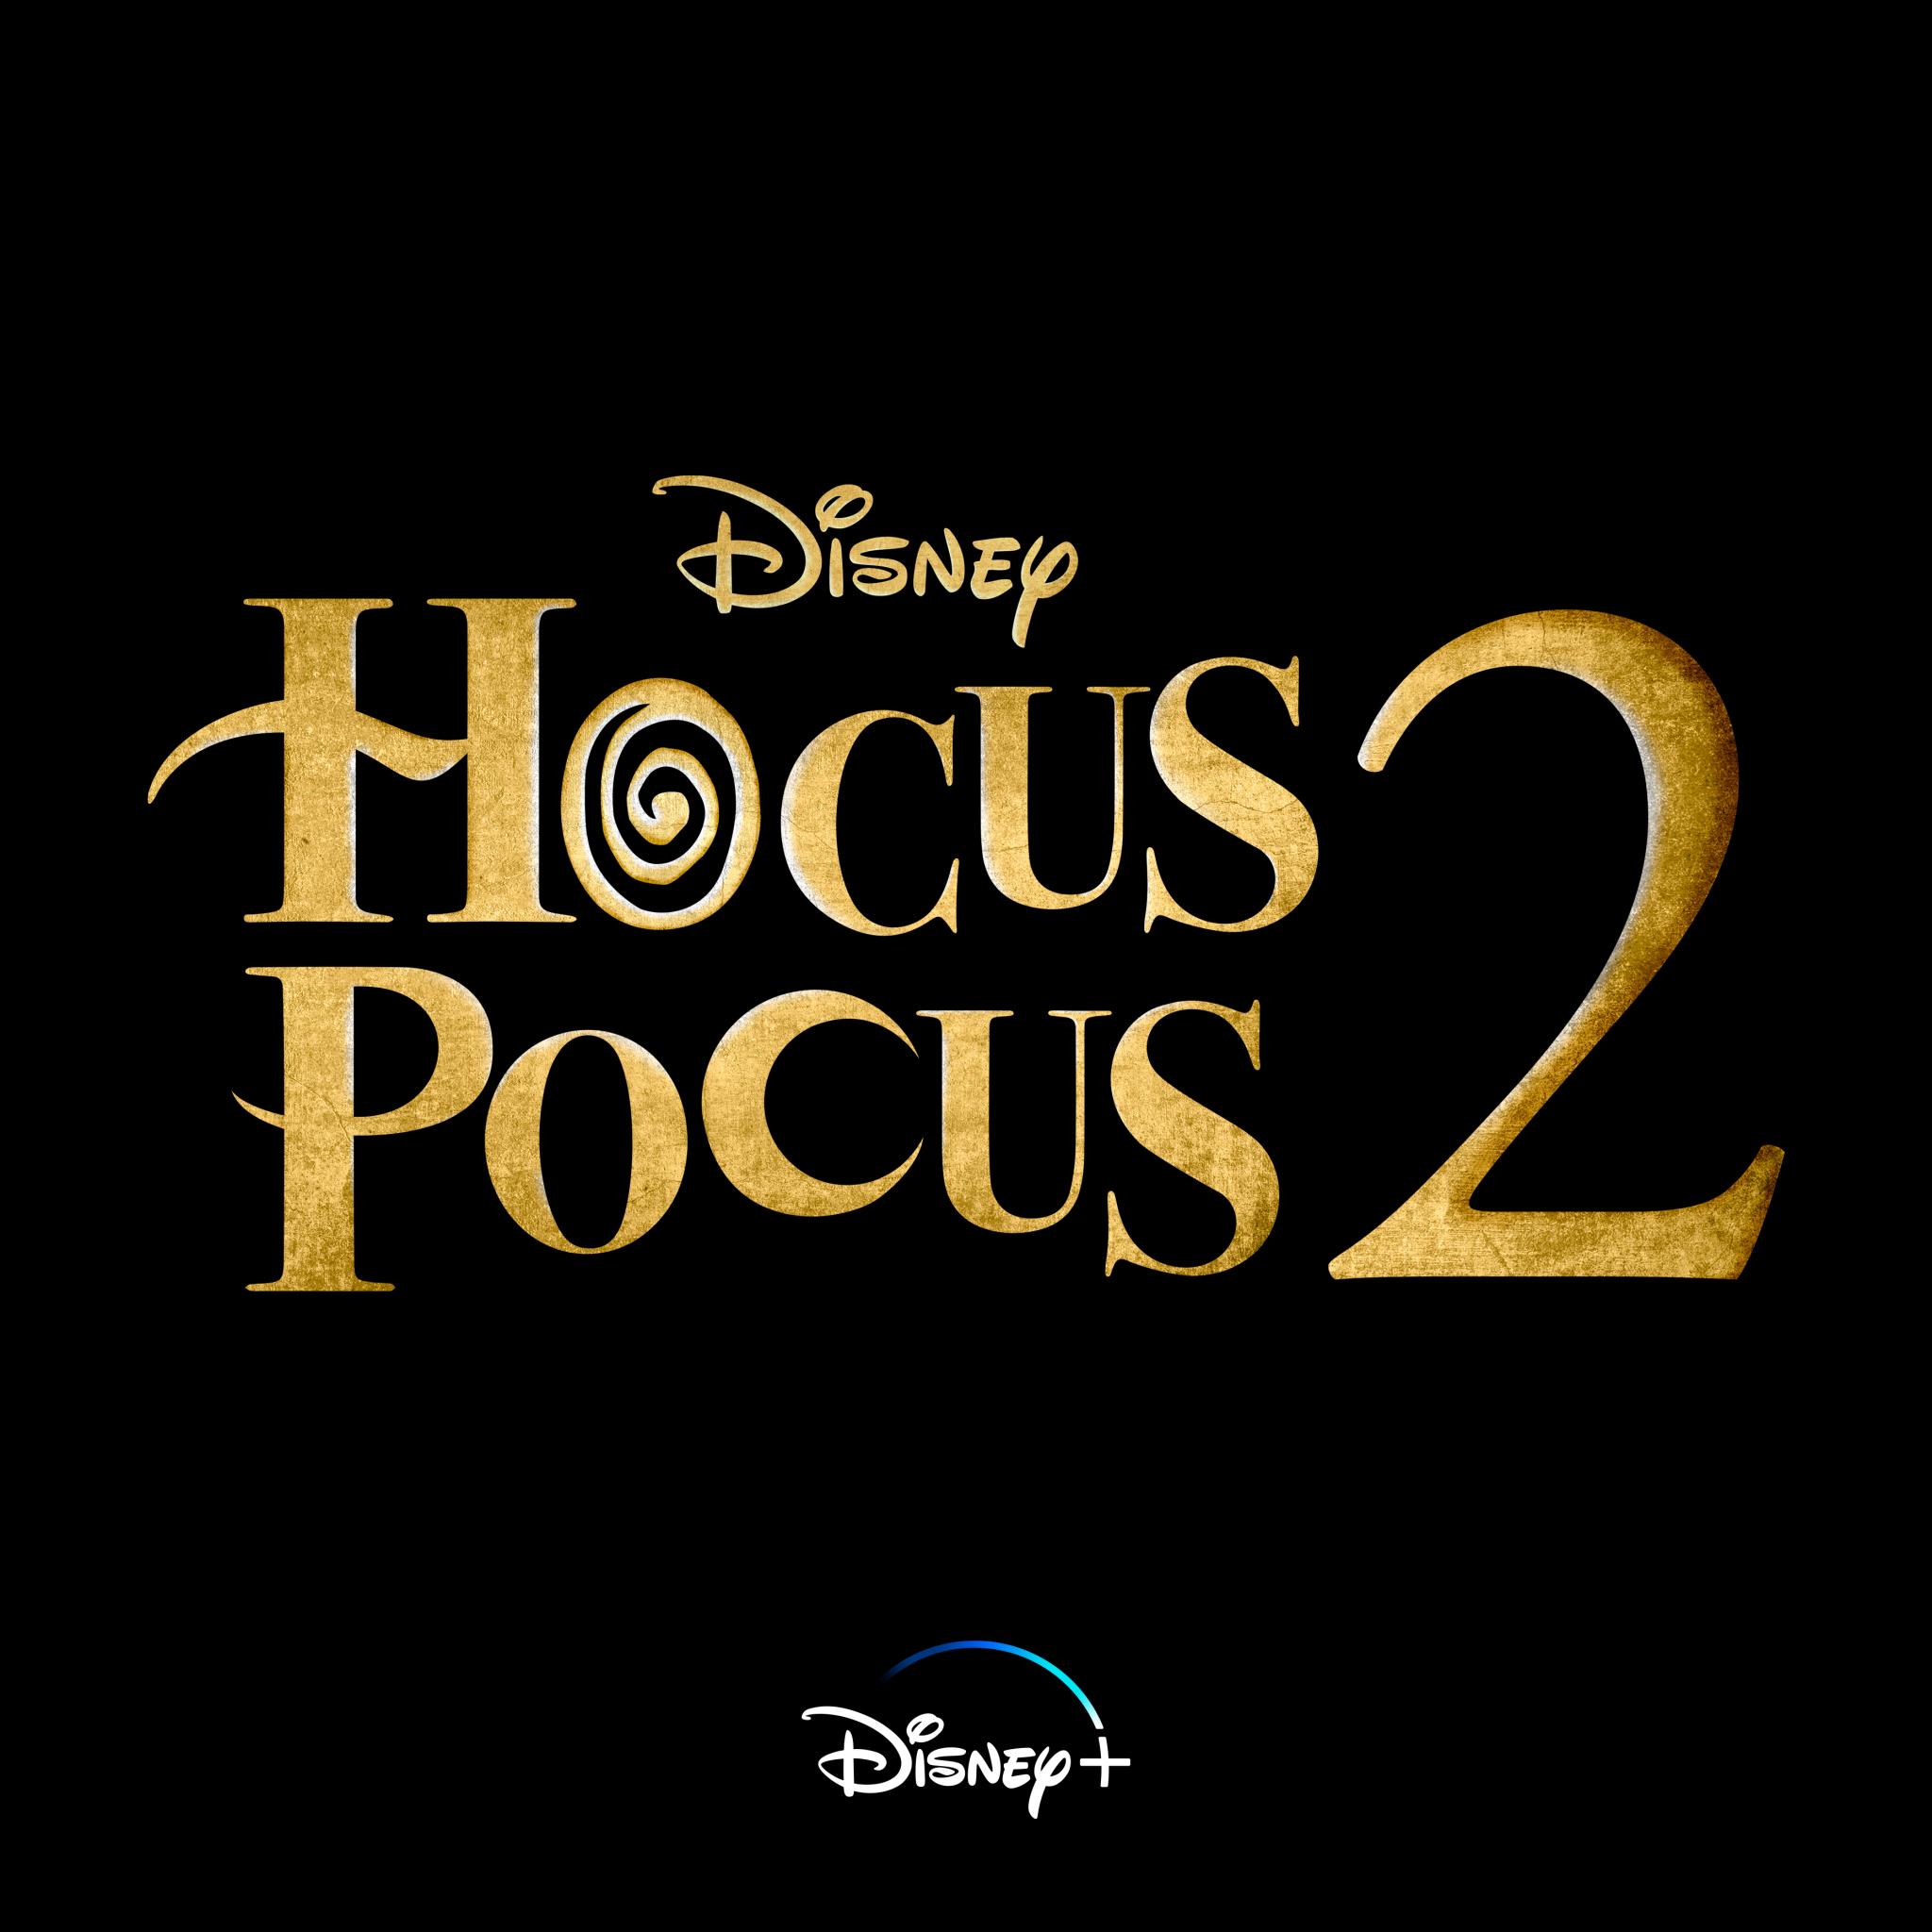 [News] HOCUS POCUS 2 Cast Its Spell in 2022